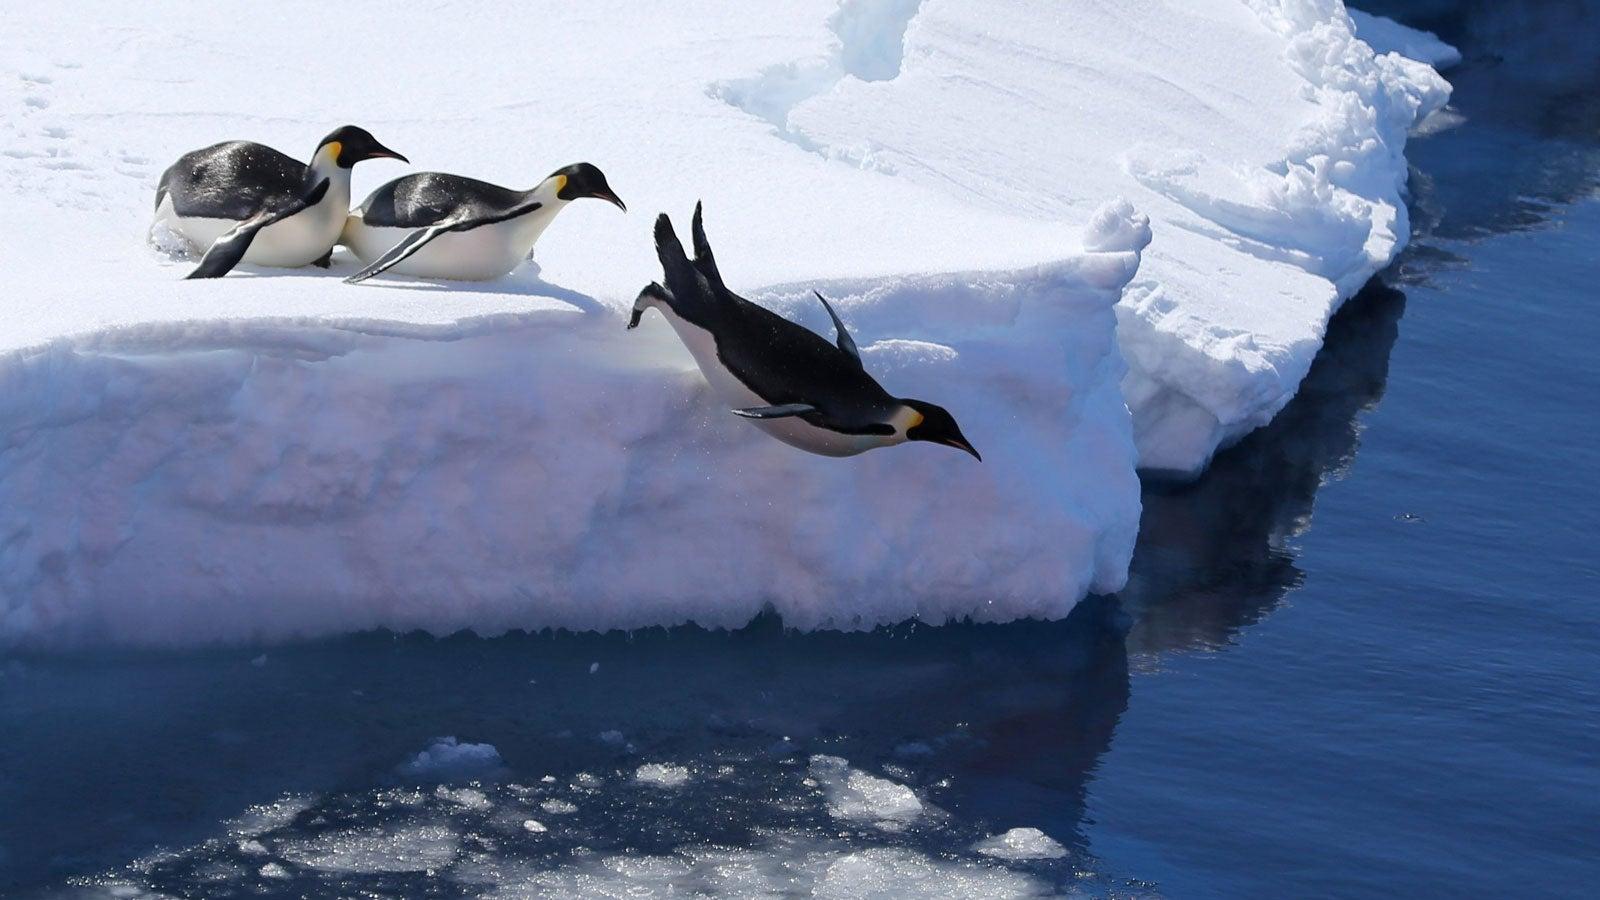 Australien will Flughafen in Antarktis bauen - Forscher befürchten schlimme Folgen | The Weather Channel - Artikel von The Weather Channel | weather.com